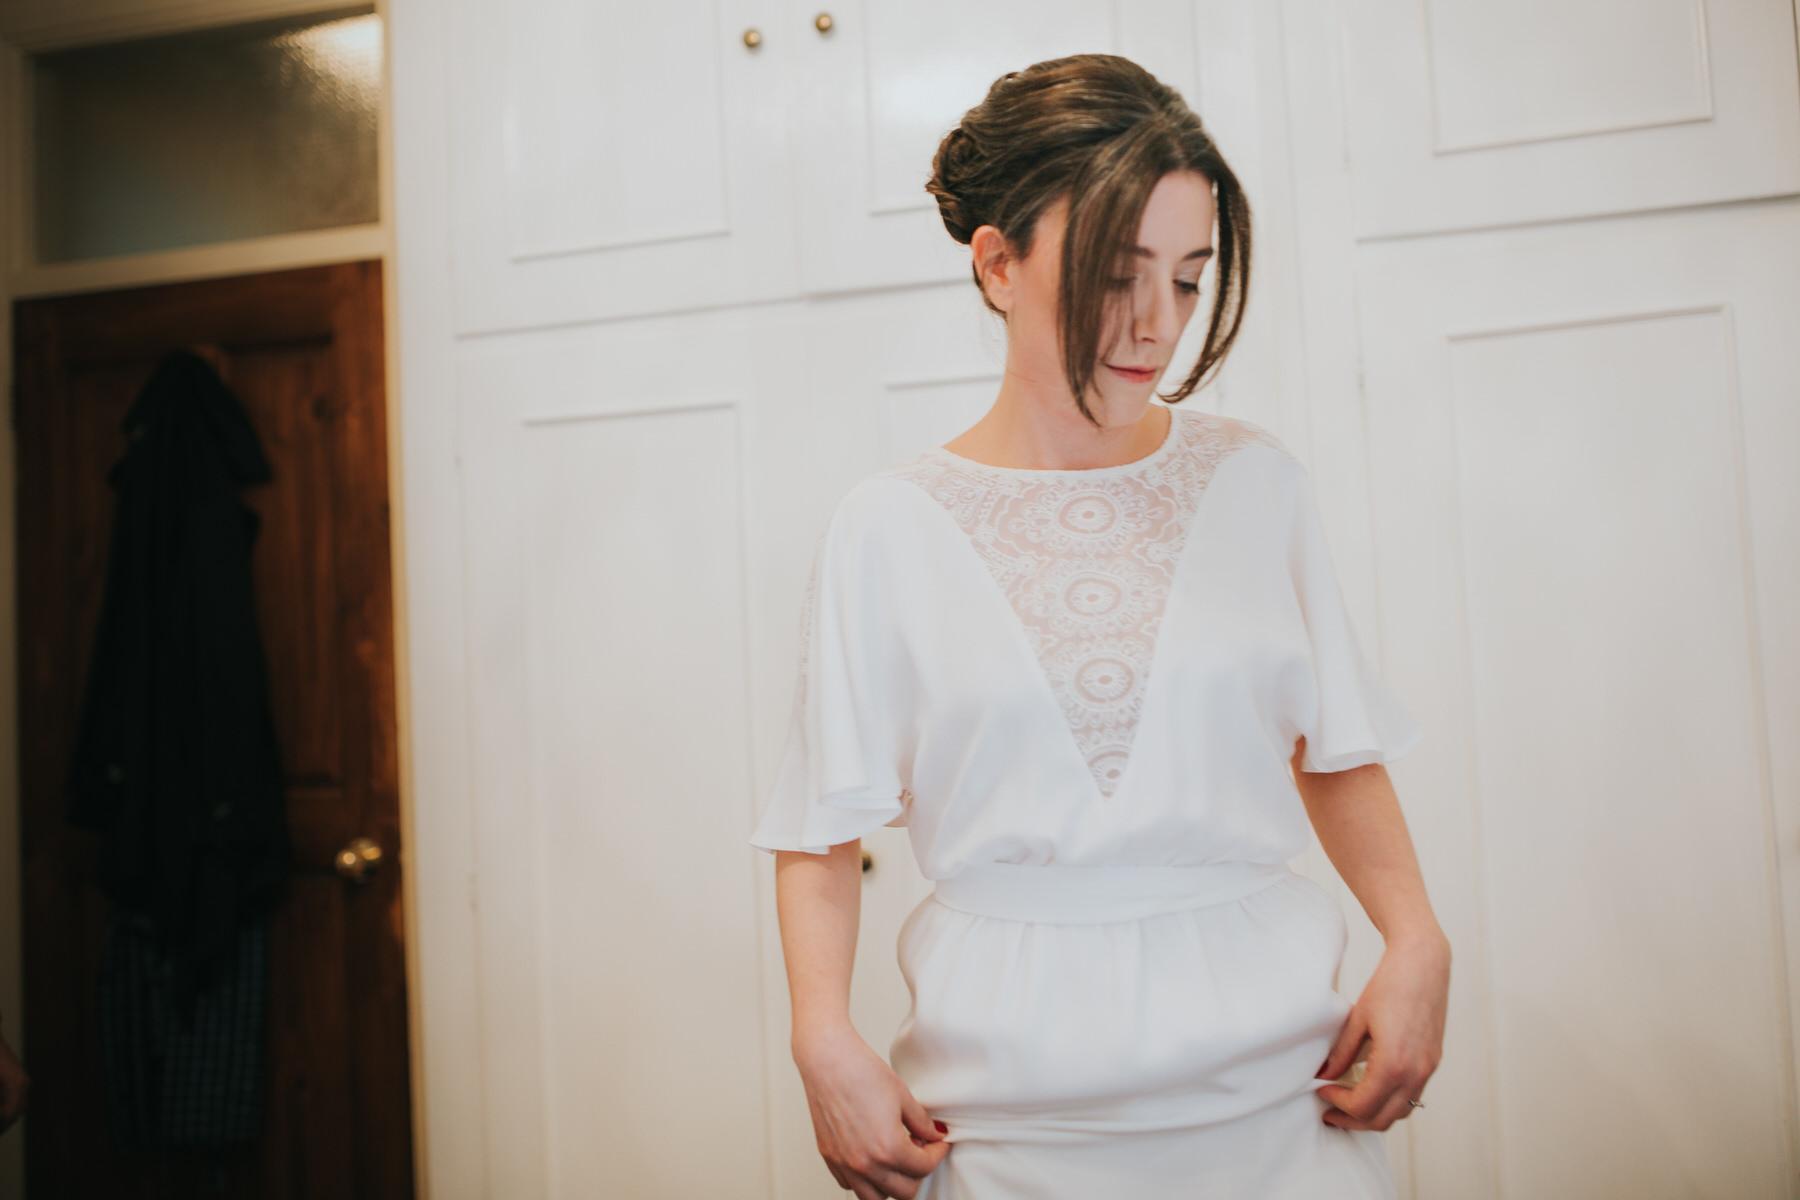 28-bride getting ready Minna wedding dress.jpg